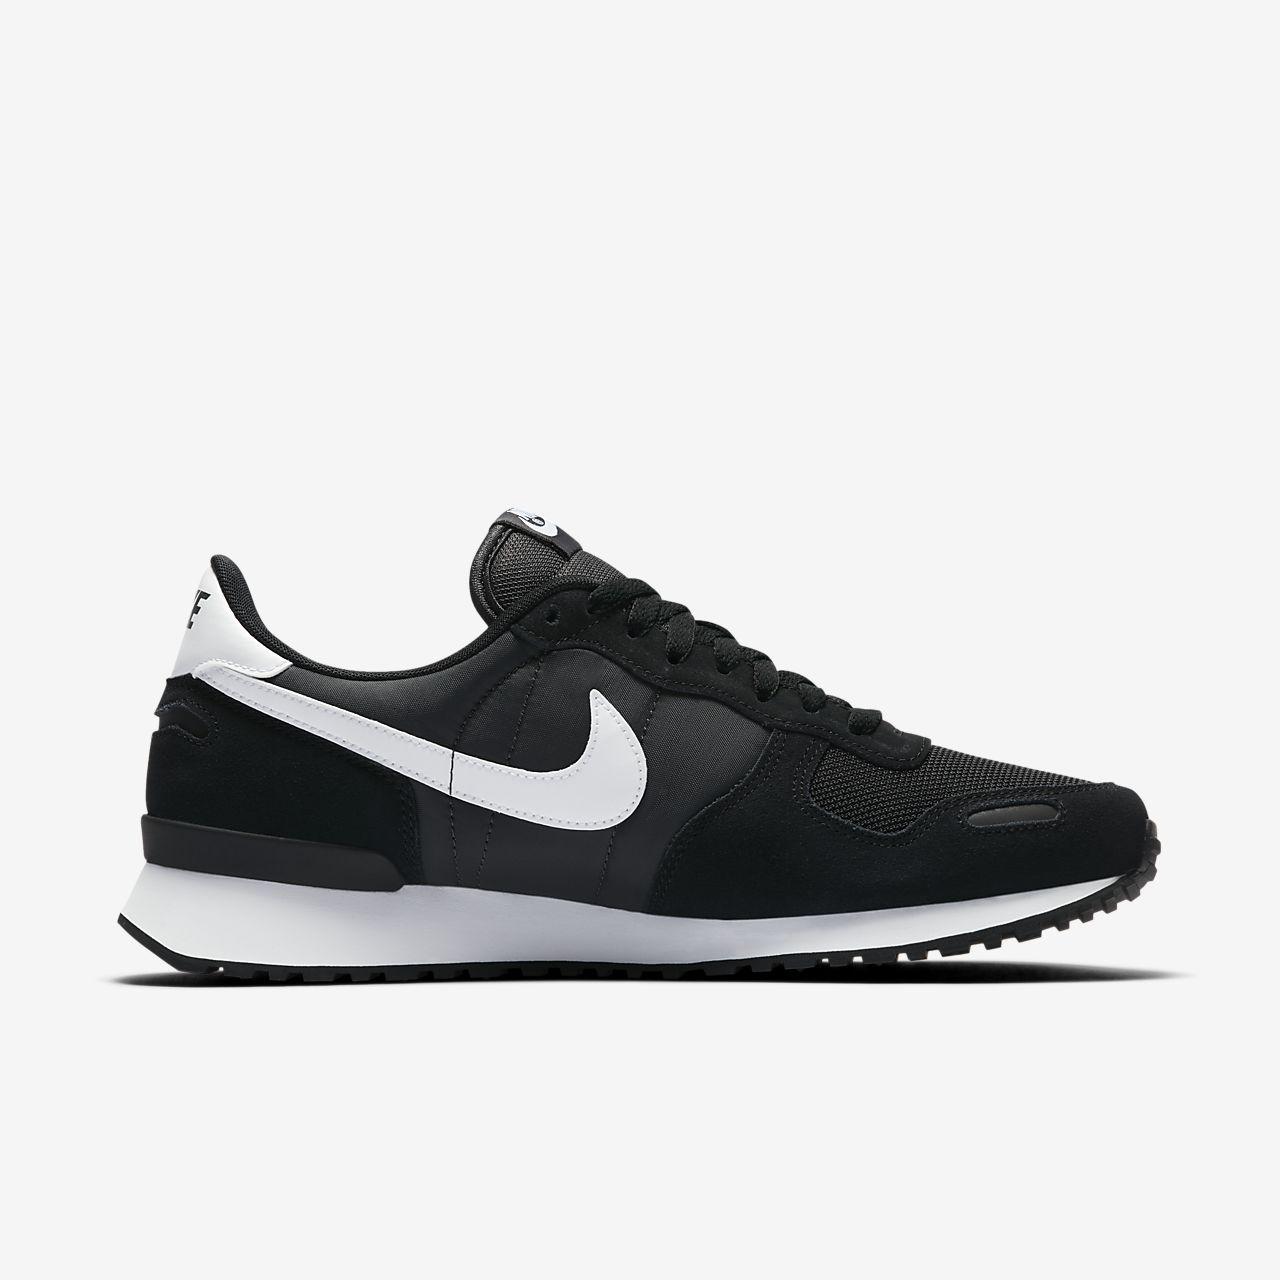 los angeles c38cc efbc4 ... Nike Air Vortex Mens Shoe